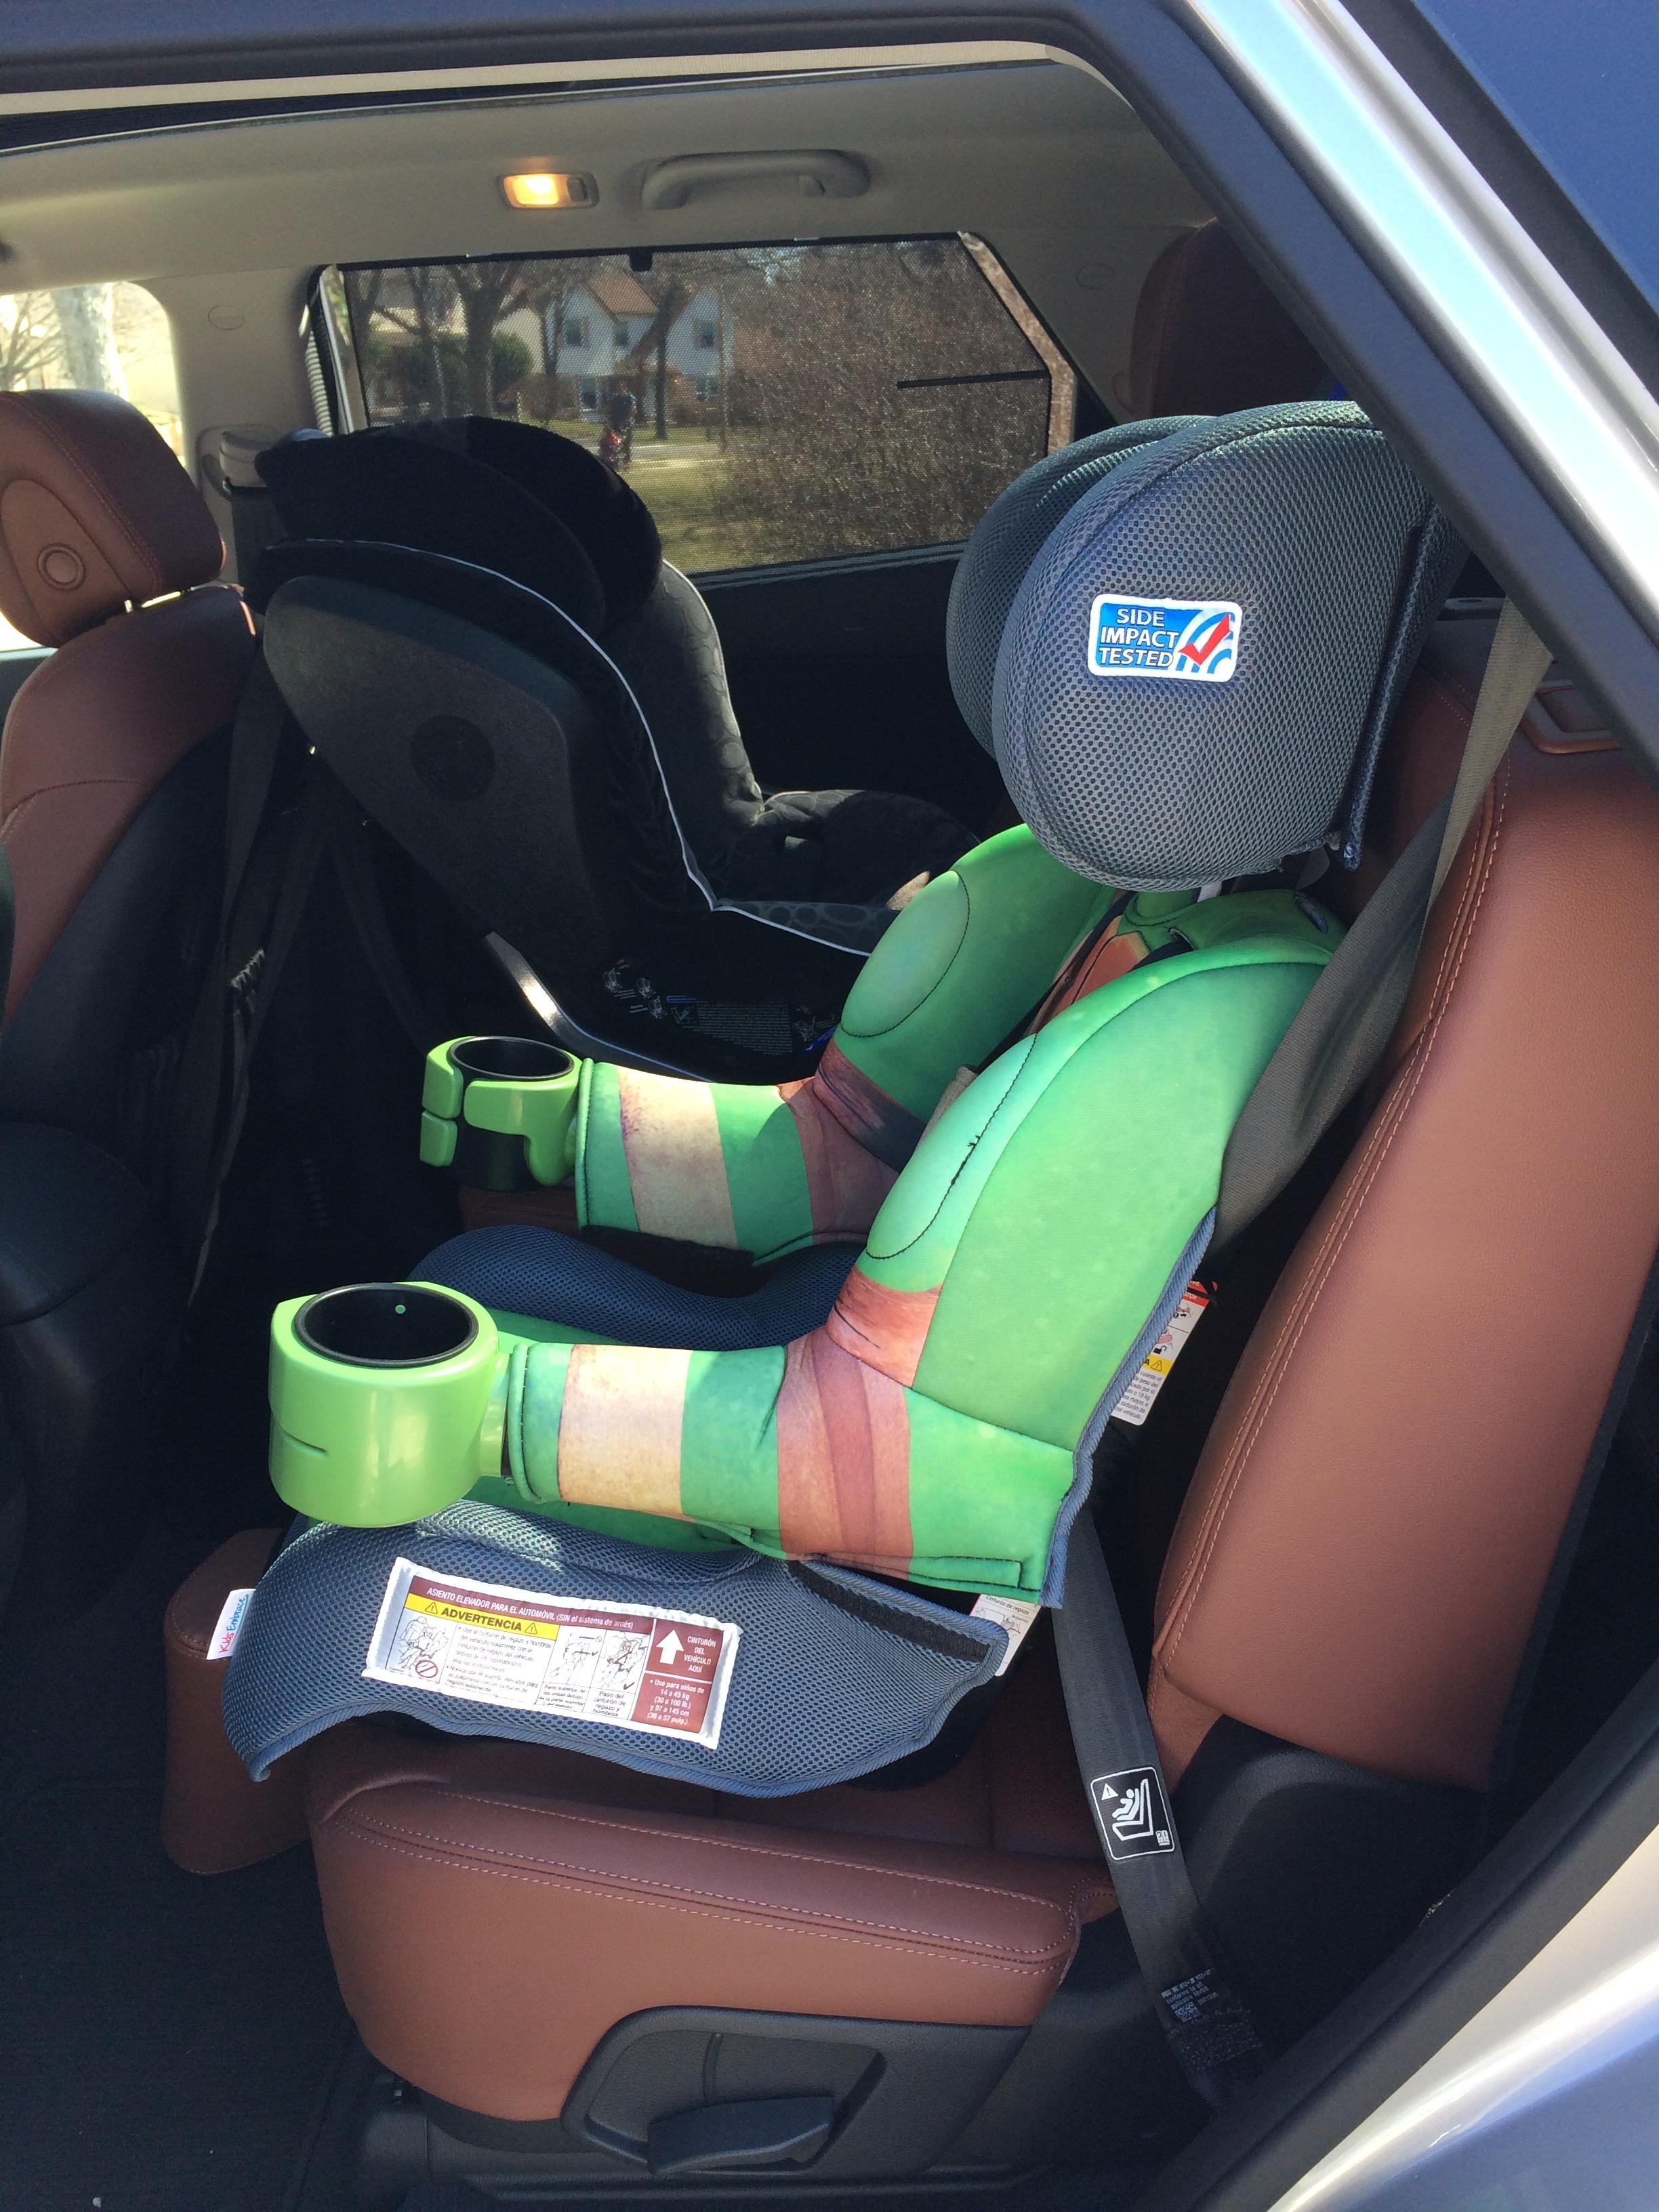 Tether Strap Car Seat Hyundai Santa Fe